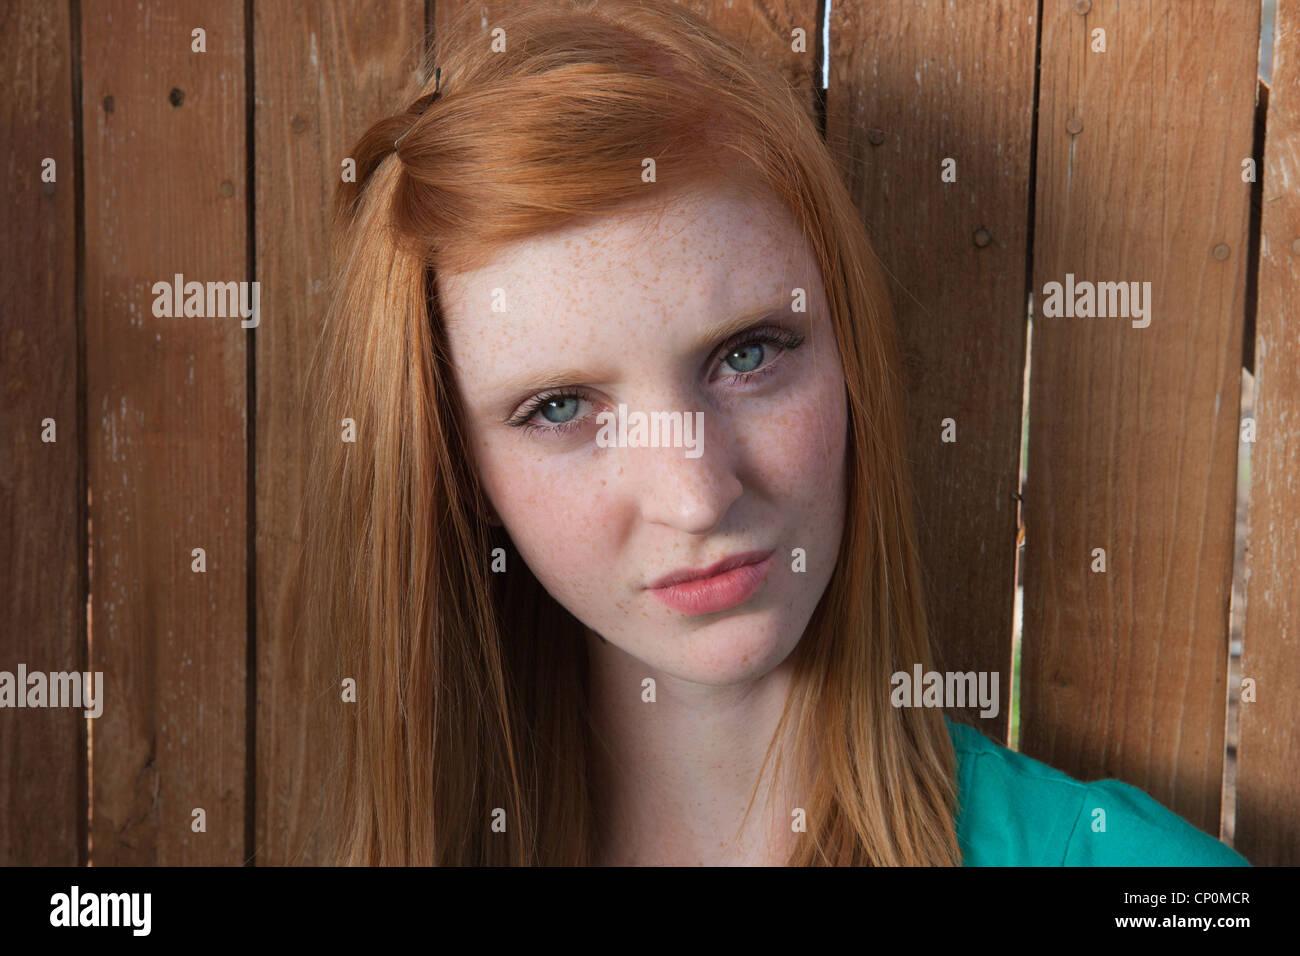 Quince años de edad, niña mirando confundido. Imagen De Stock